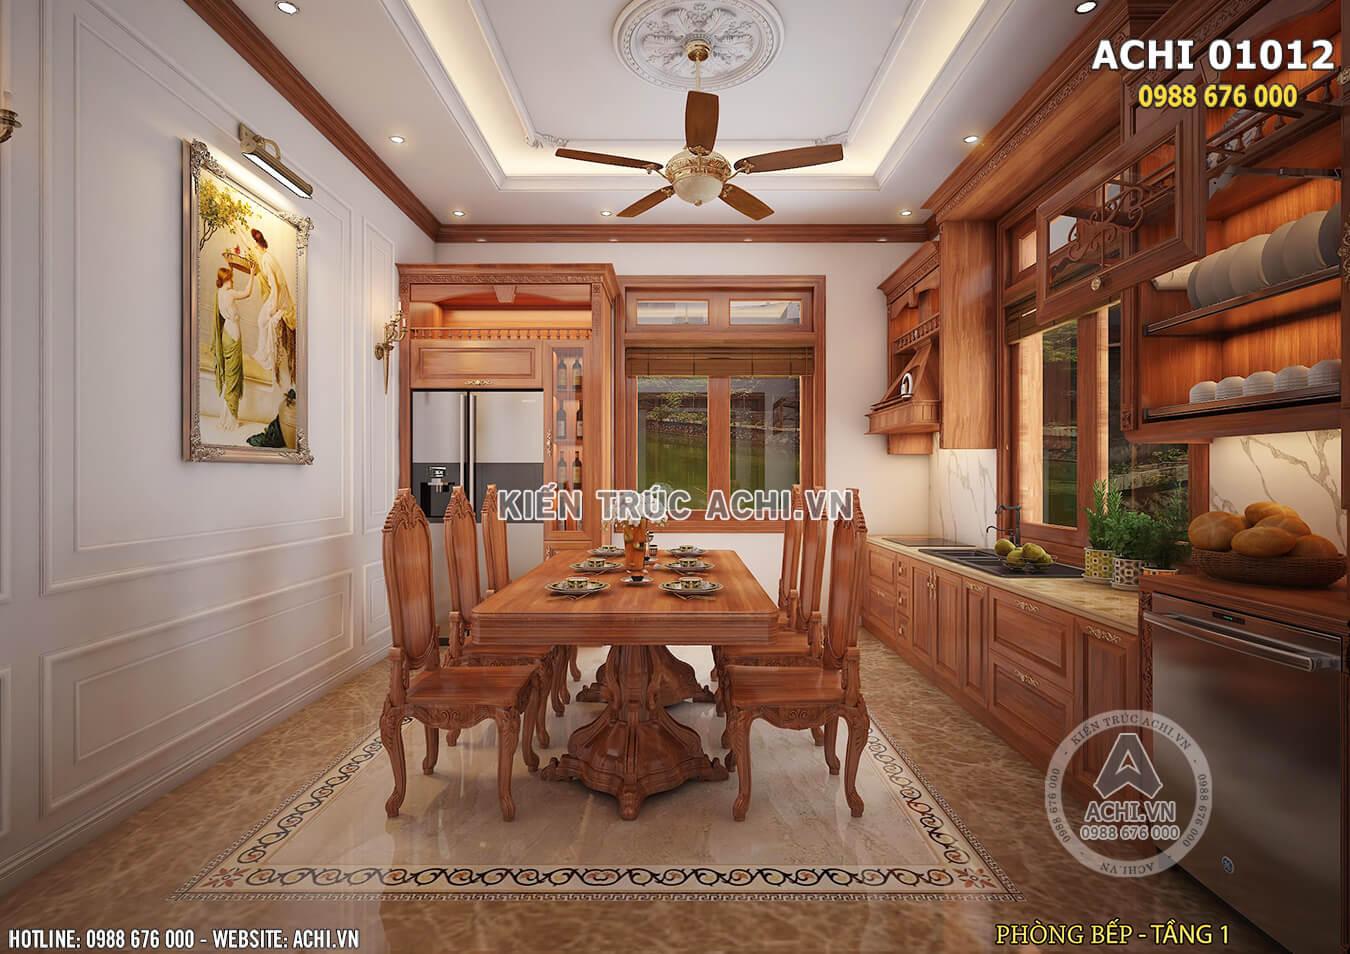 Bộ bàn ăn bằng gỗ sang trọng hài hòa cùng không gian nội thất